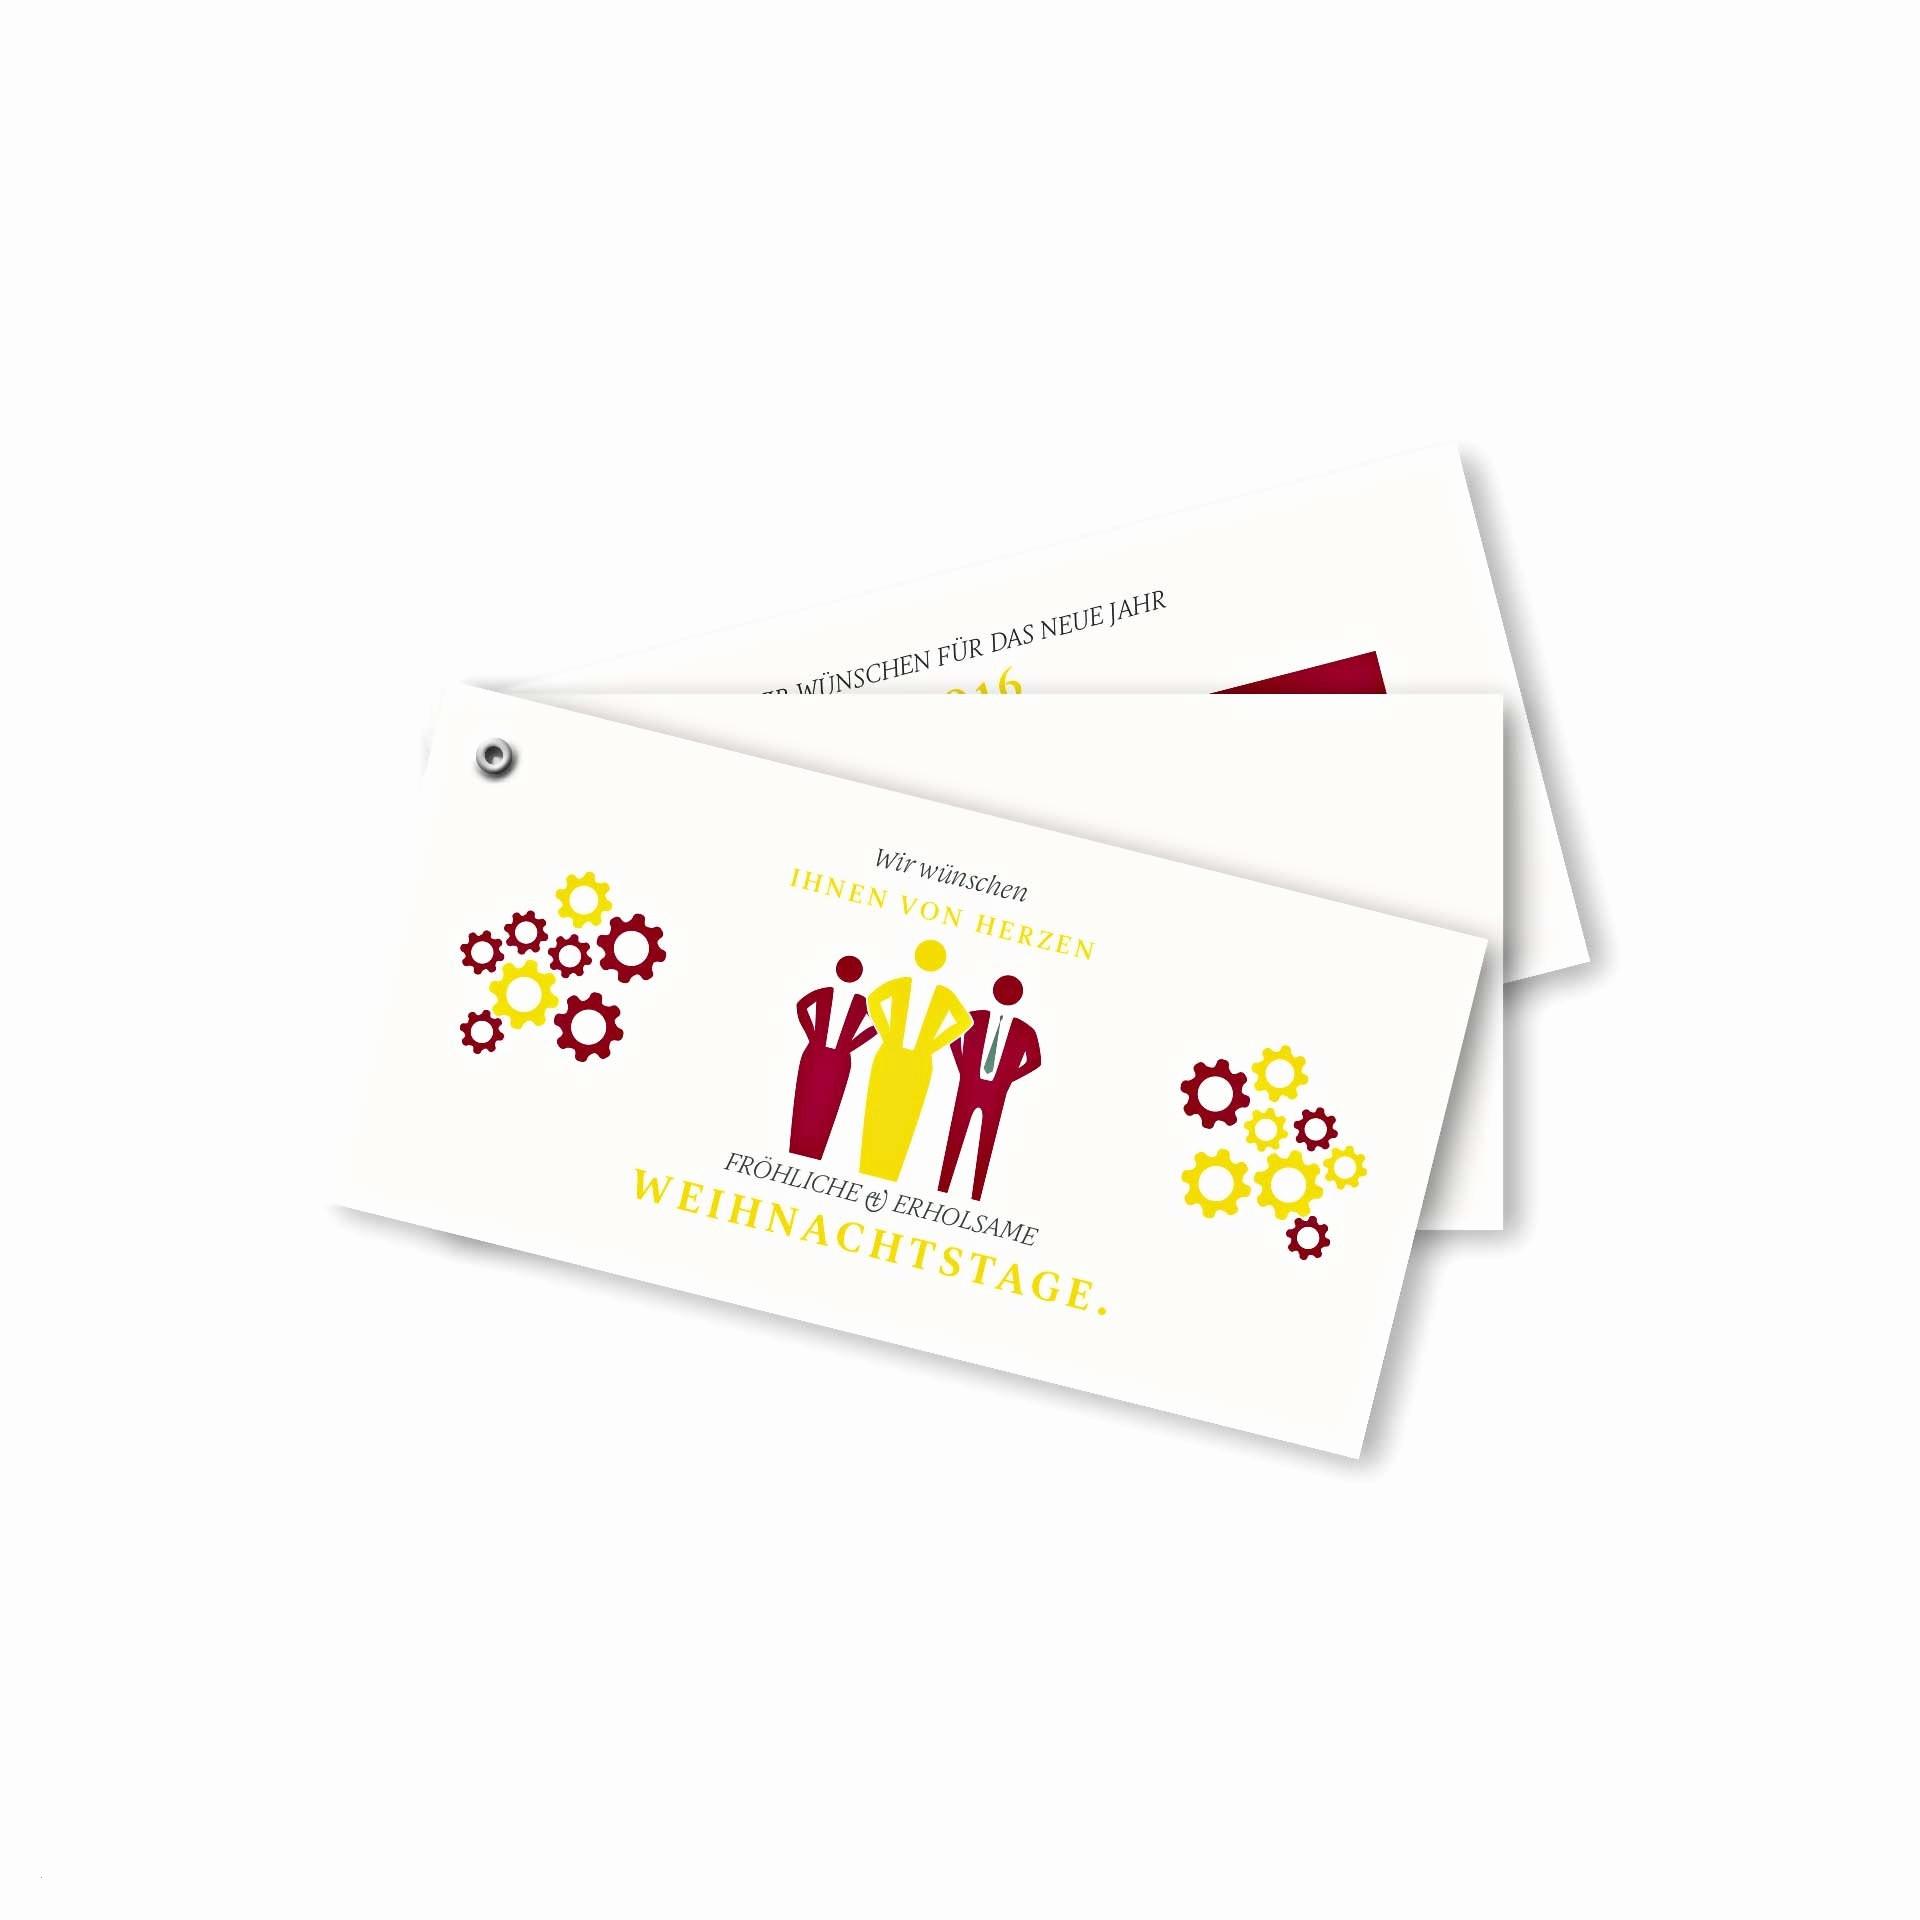 Geburtstagskarte Ausdrucken Kostenlos Genial Geburtstagskarte Selber Drucken Luxus Geburtstagskarten Zum Selber Das Bild